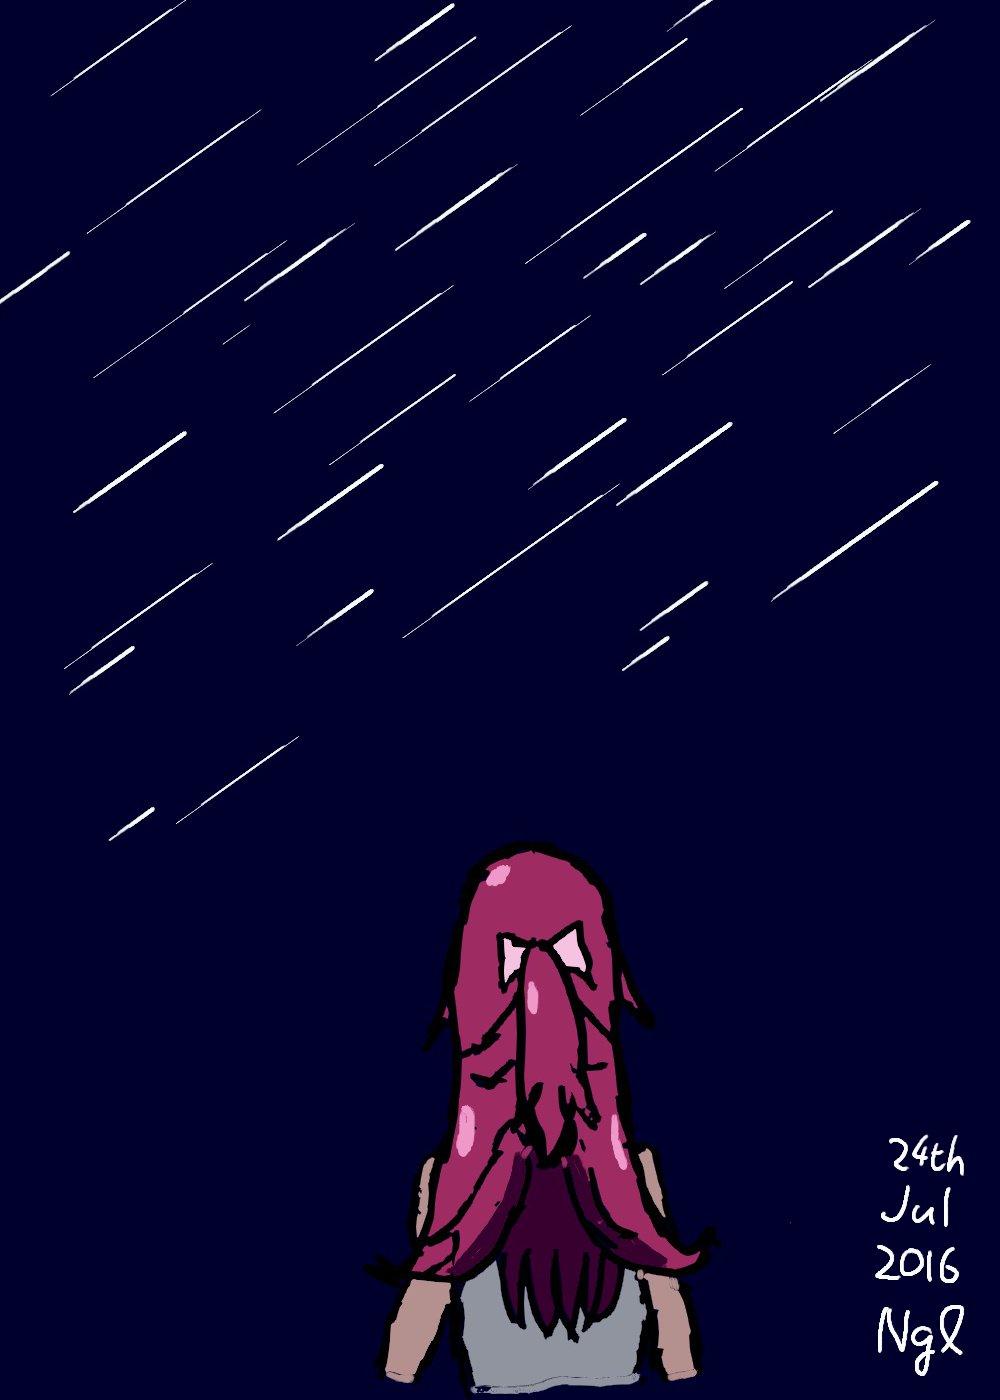 ねぎぼう (@negibou1989)さんのイラスト